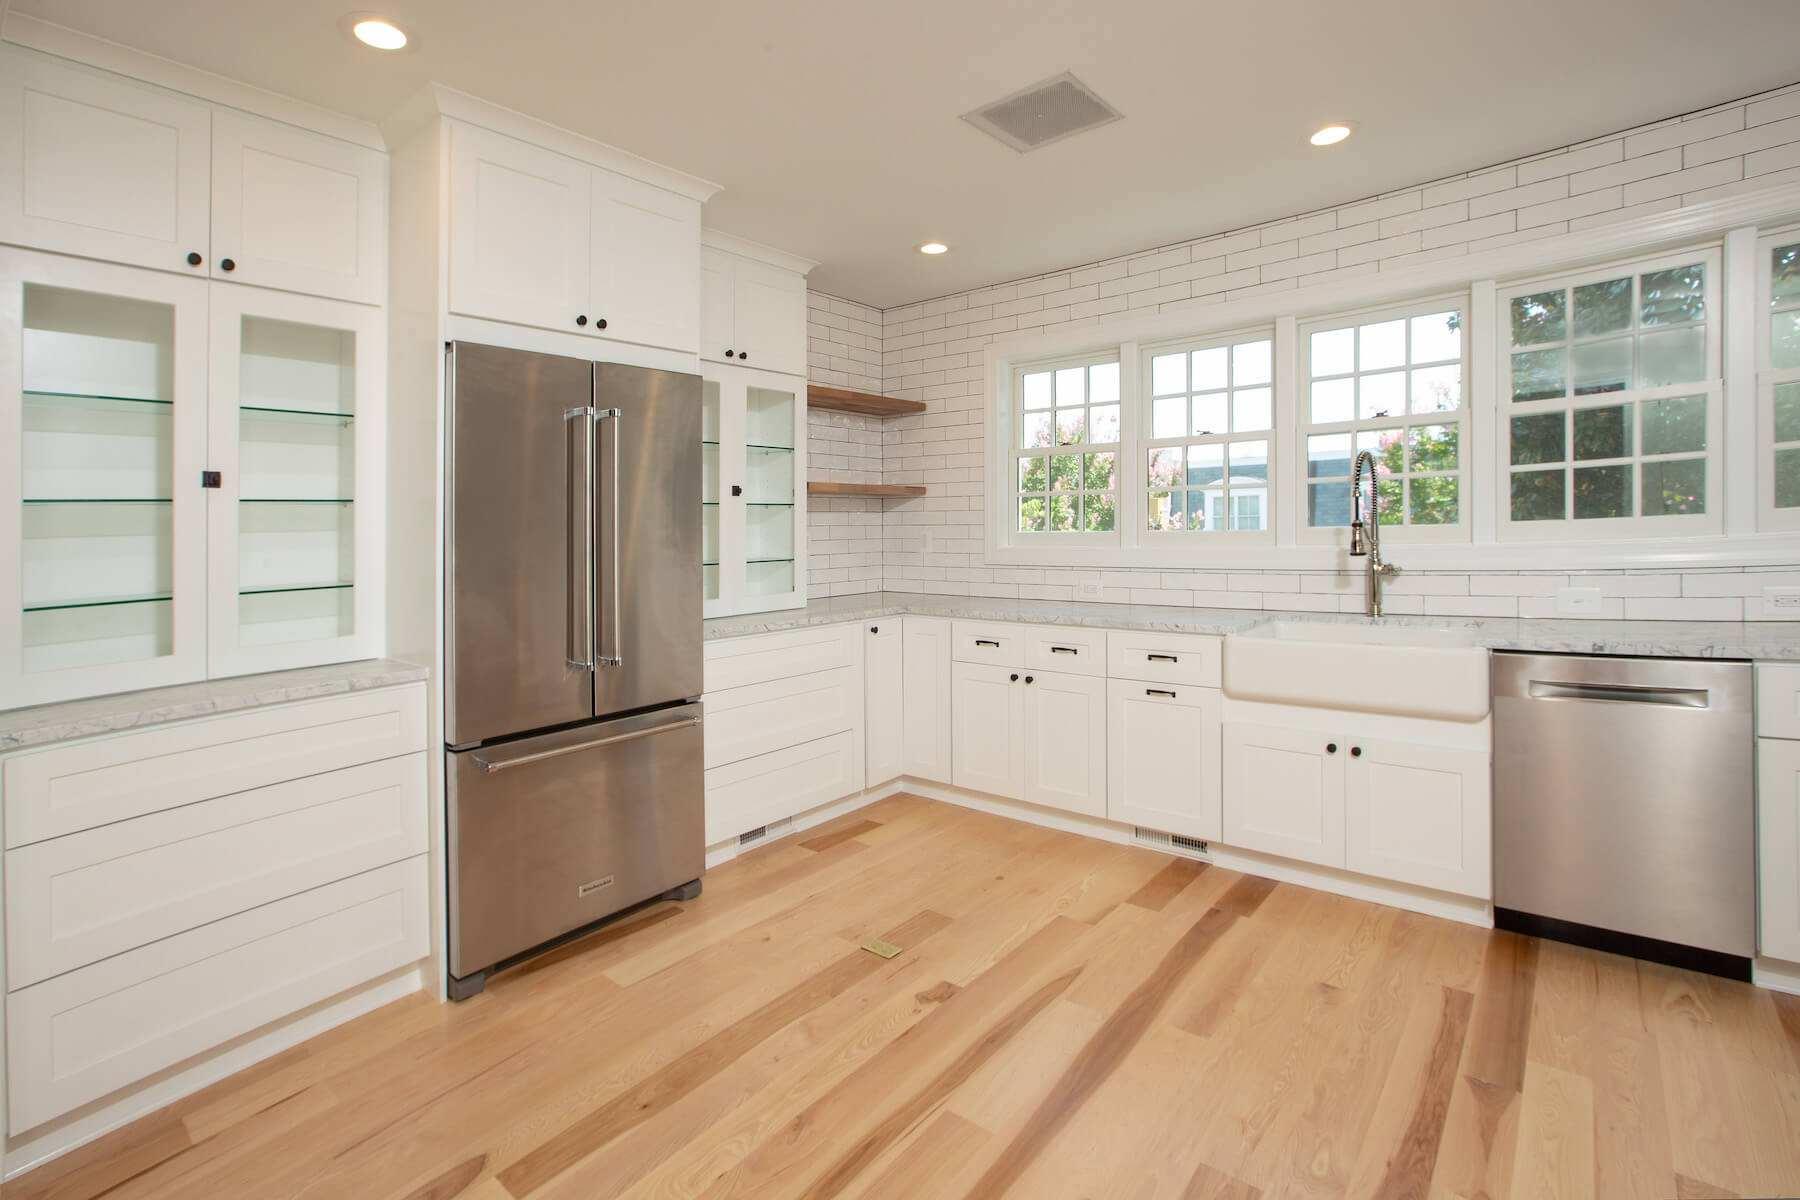 kitchenL_8-12-2019_911